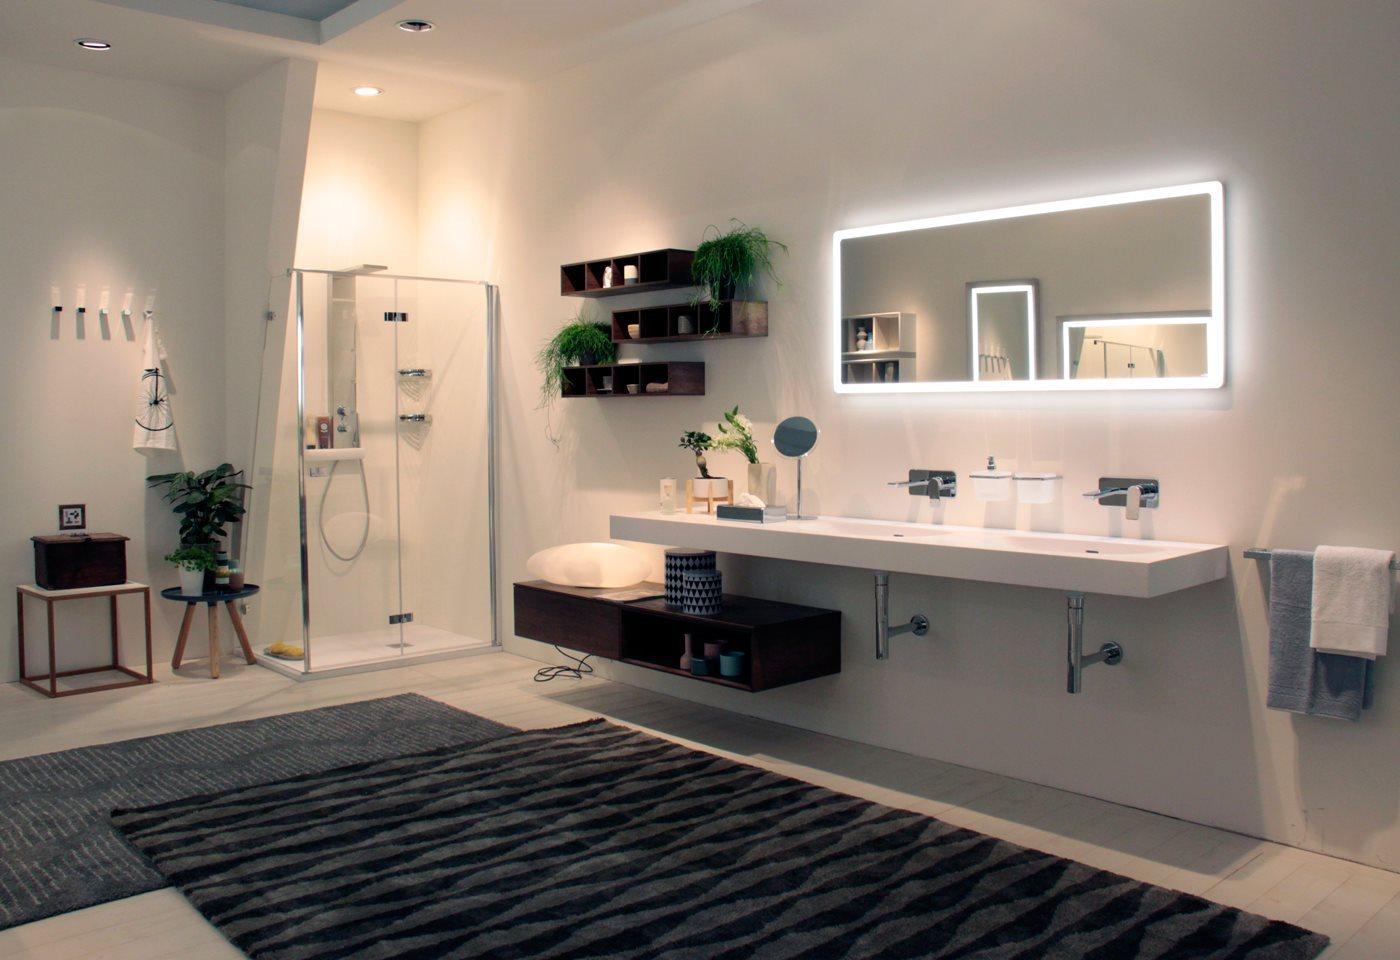 Inda bagno design e innovazione per il bagno bagnolandia - Arredo bagno inda ...